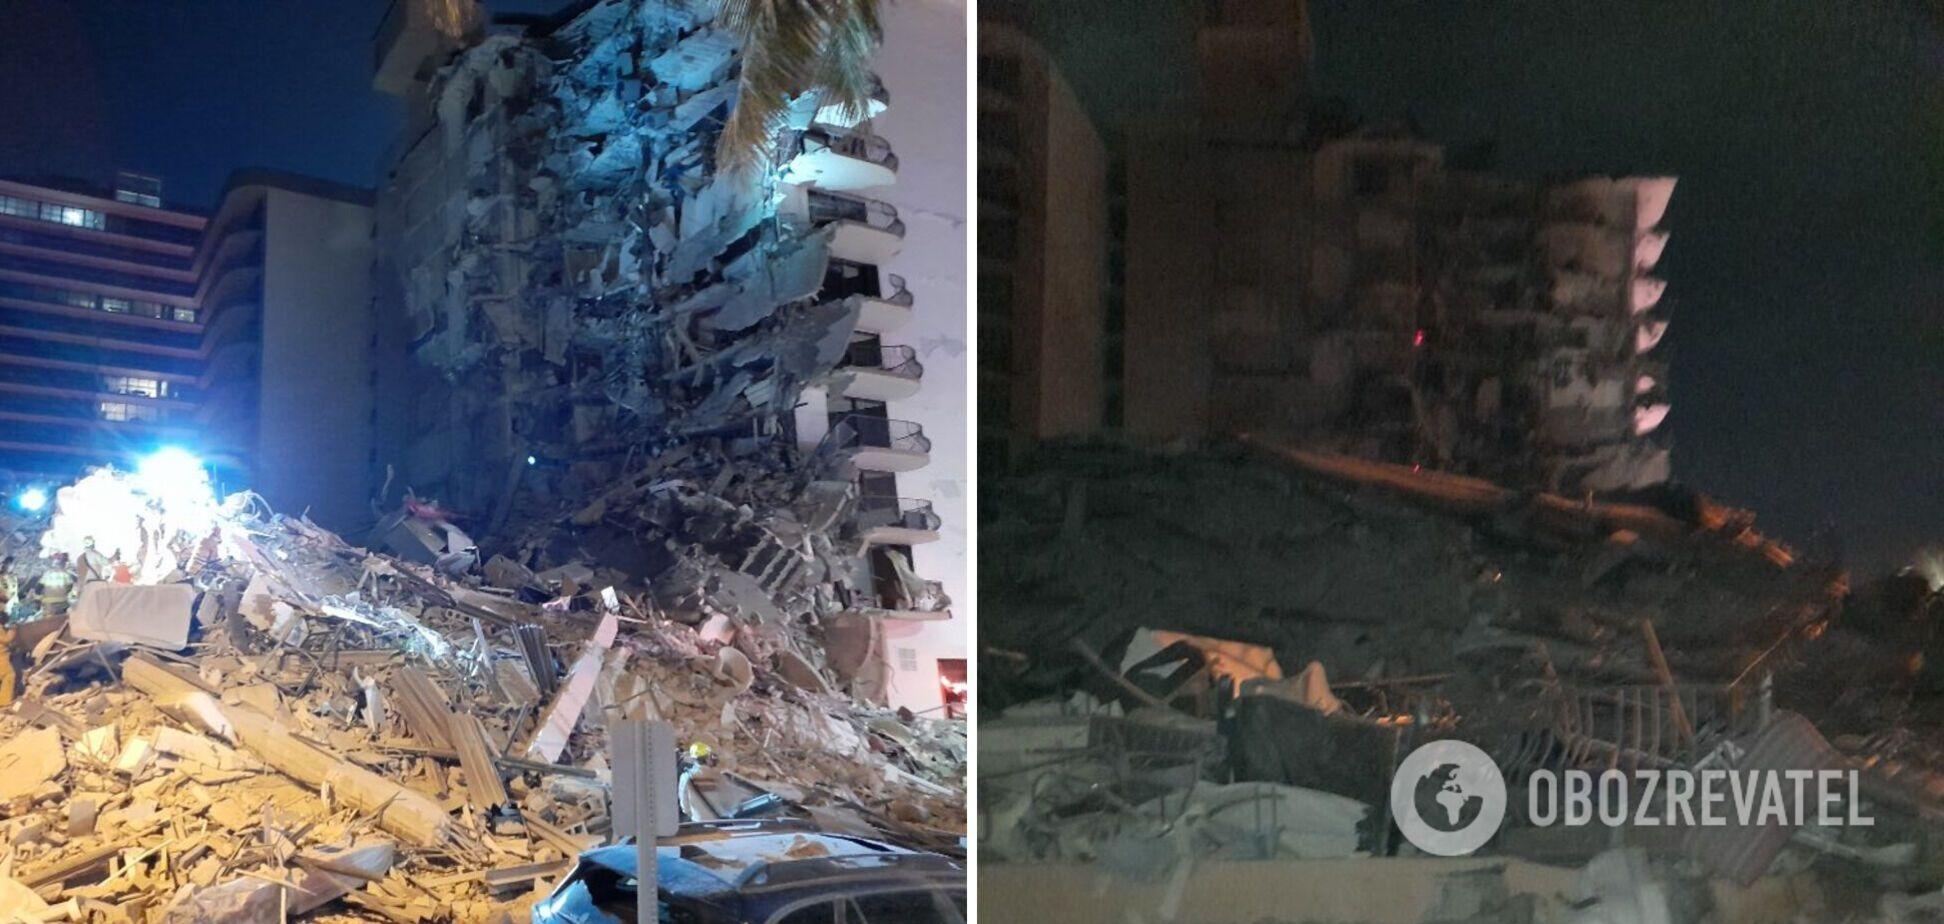 Возле Майами рухнул 12-этажный дом, под завалами ищут людей. Фото и видео